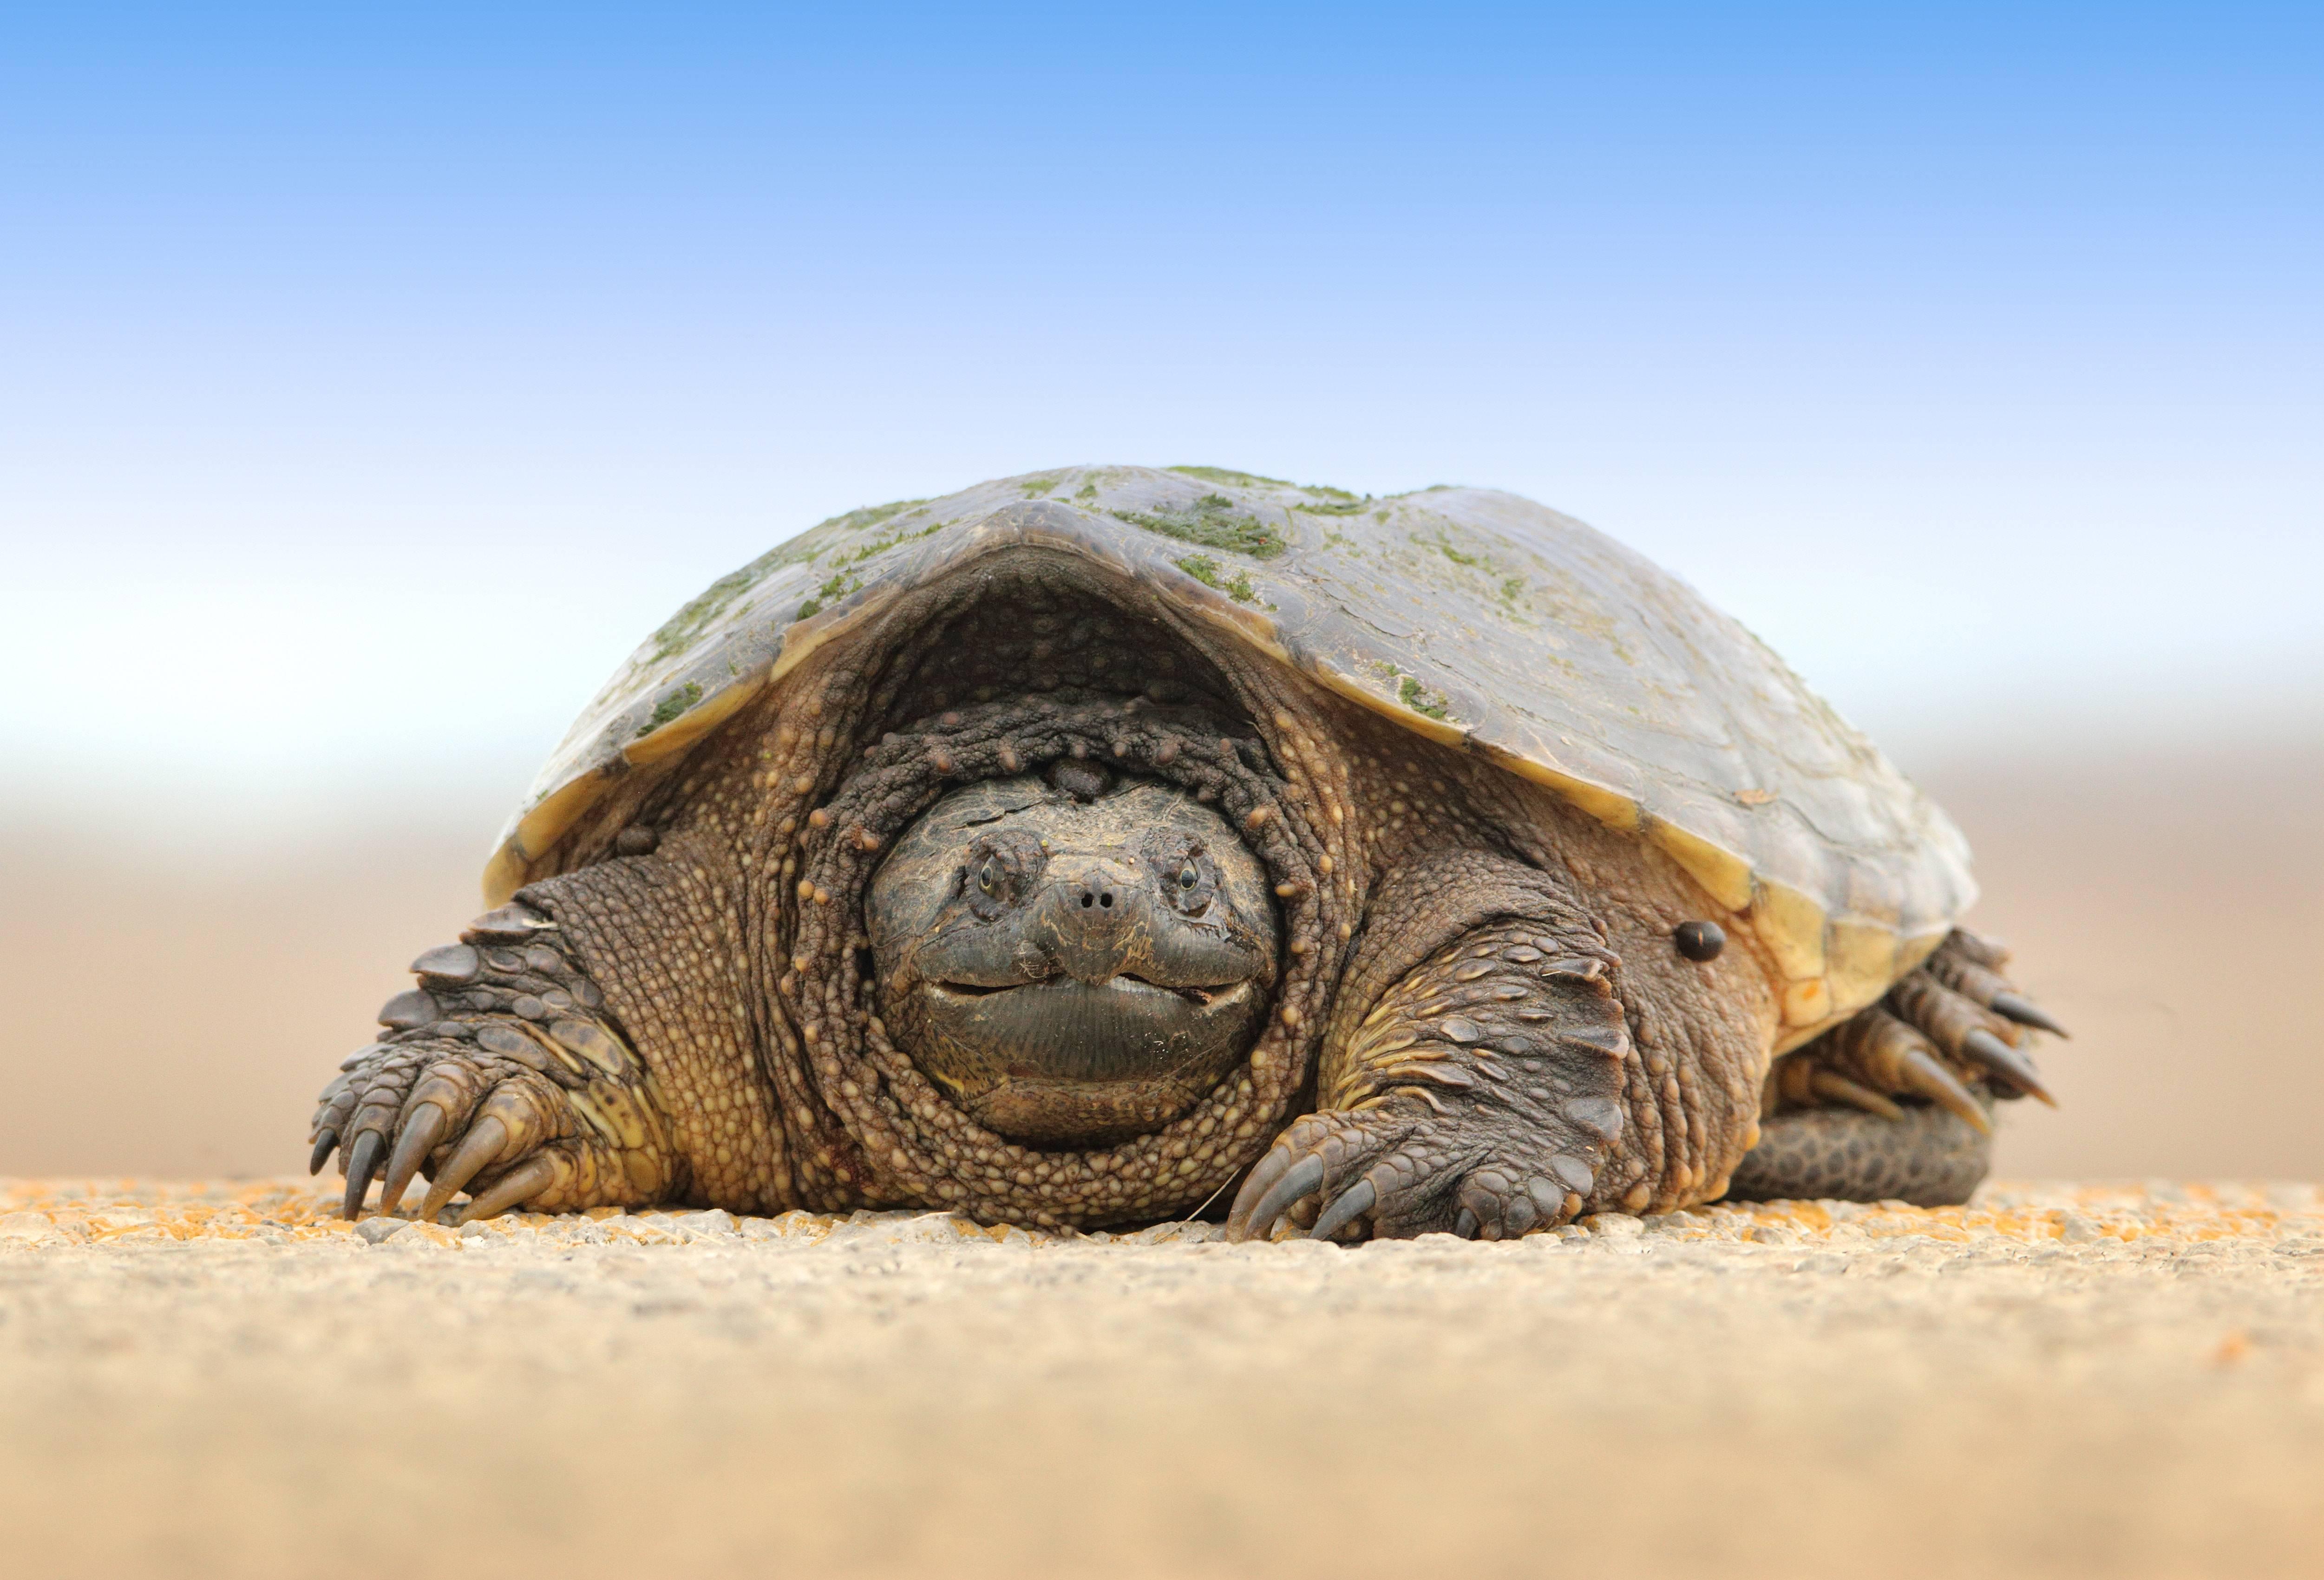 У красноухой черепахи слезятся глаза. черепаха не открывает опухшие глаза: болезни красноухой черепахи